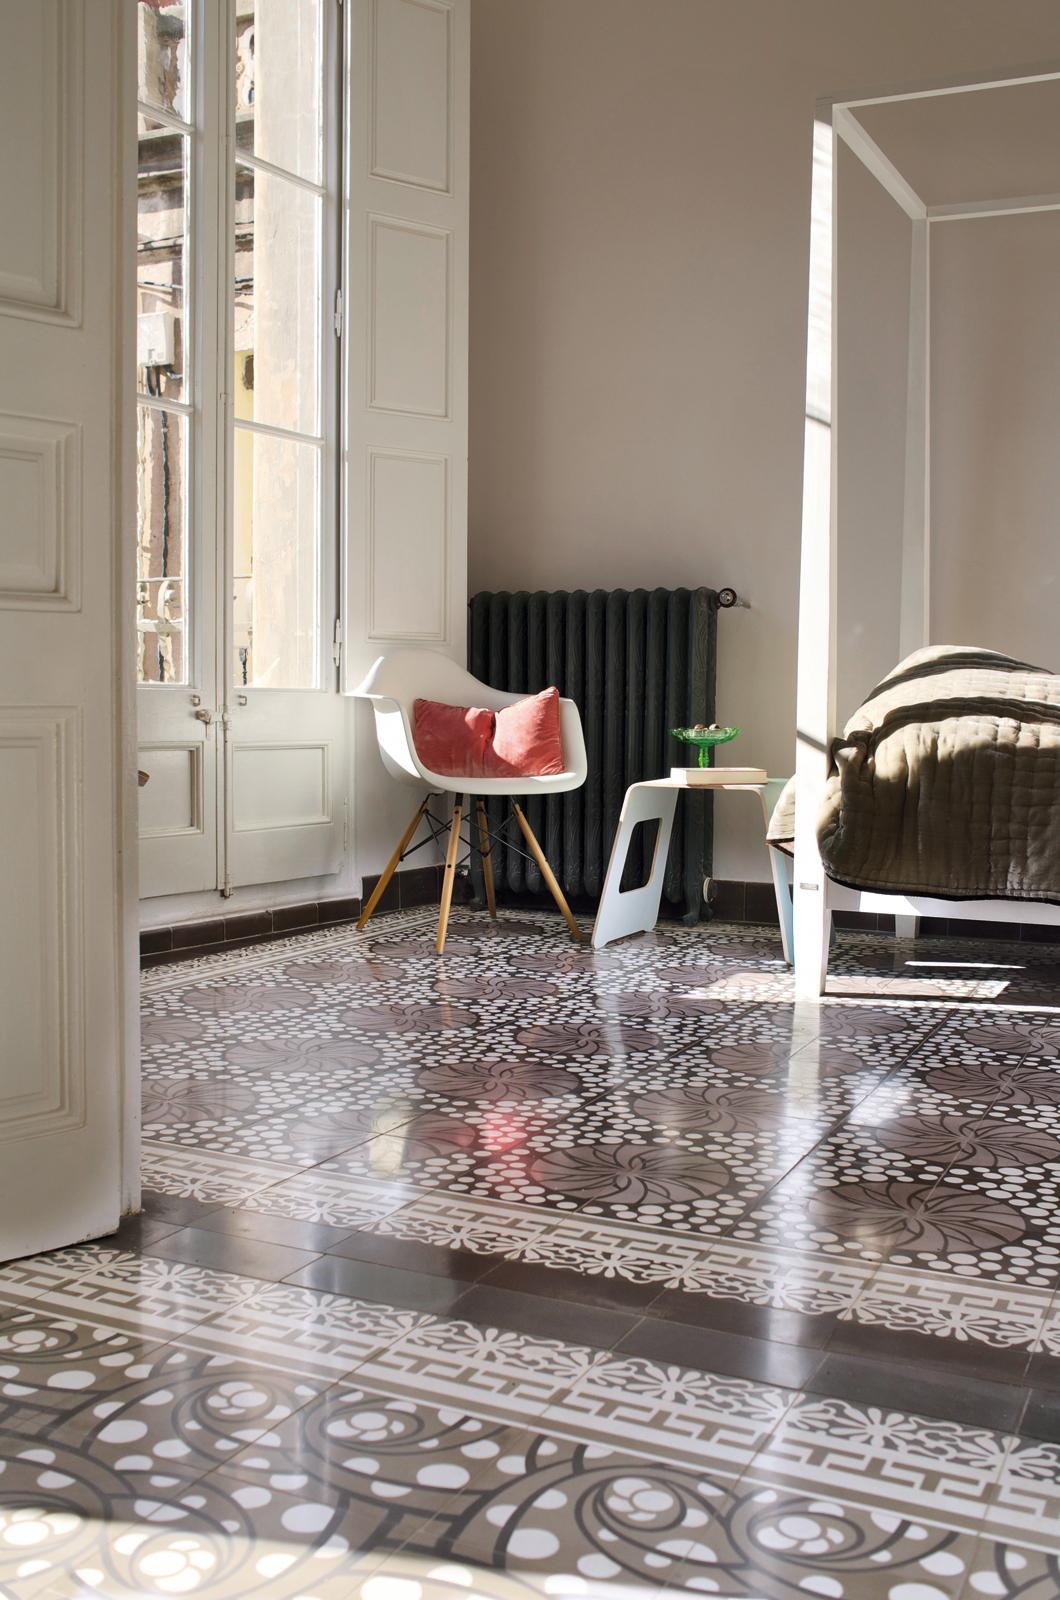 zementmosaikplatten-nr.51135-8281-schlafzimmer-viaplatten | 51135-8281